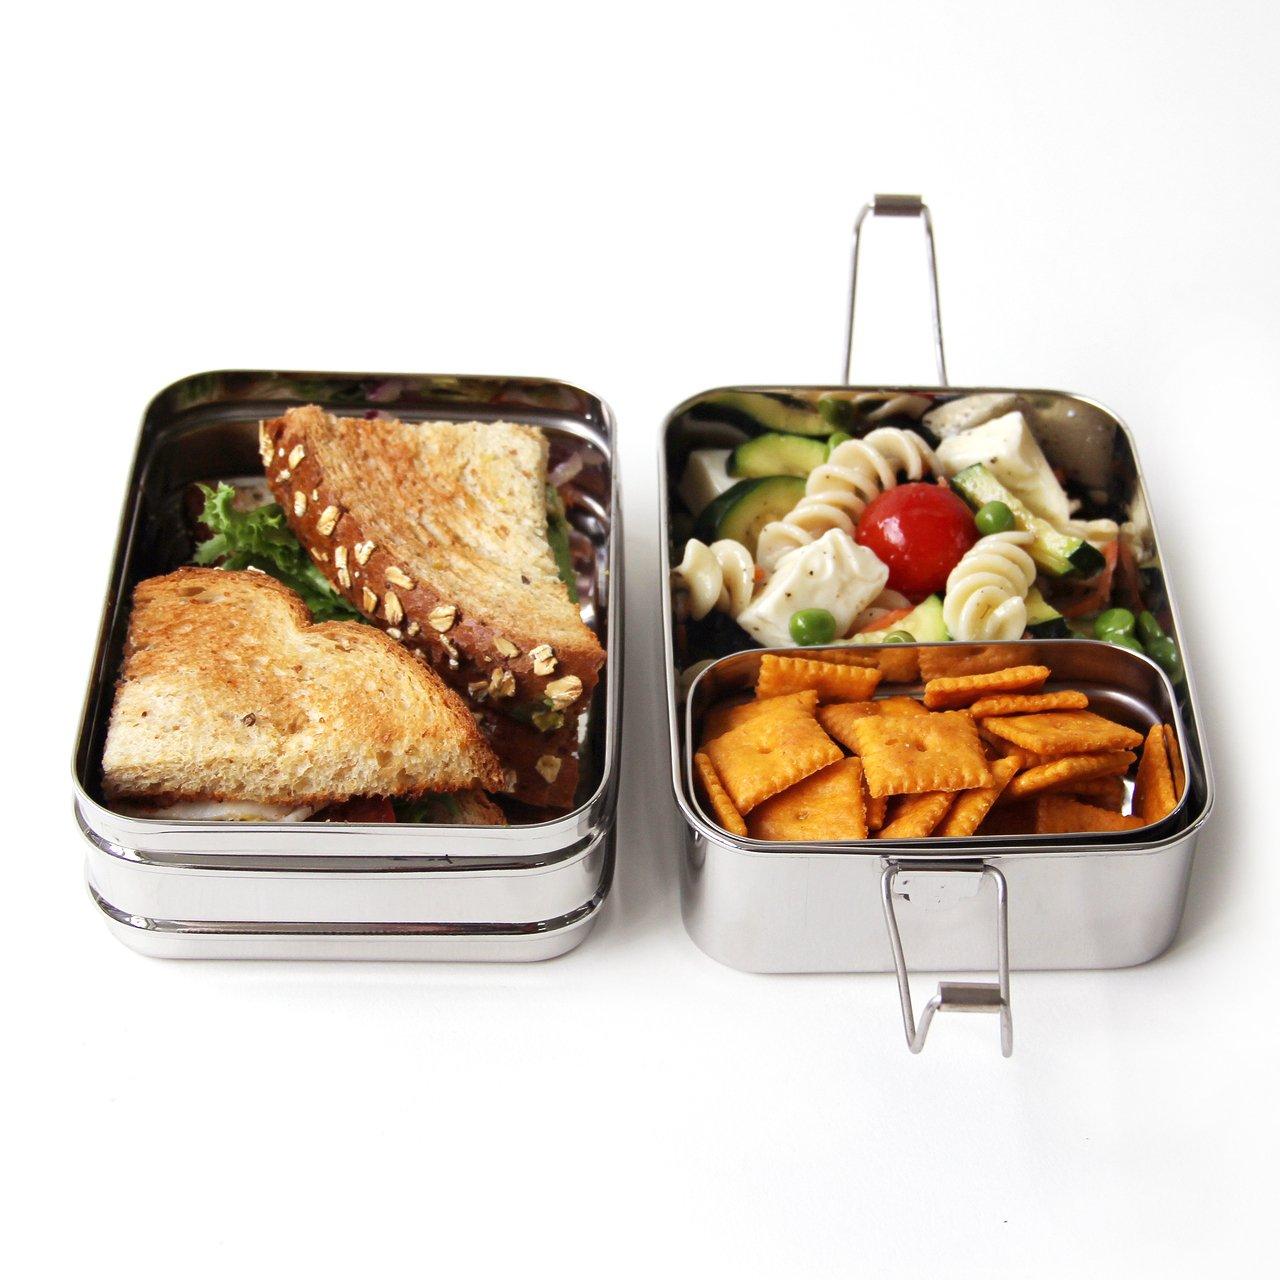 bento lunch box for kids. Black Bedroom Furniture Sets. Home Design Ideas